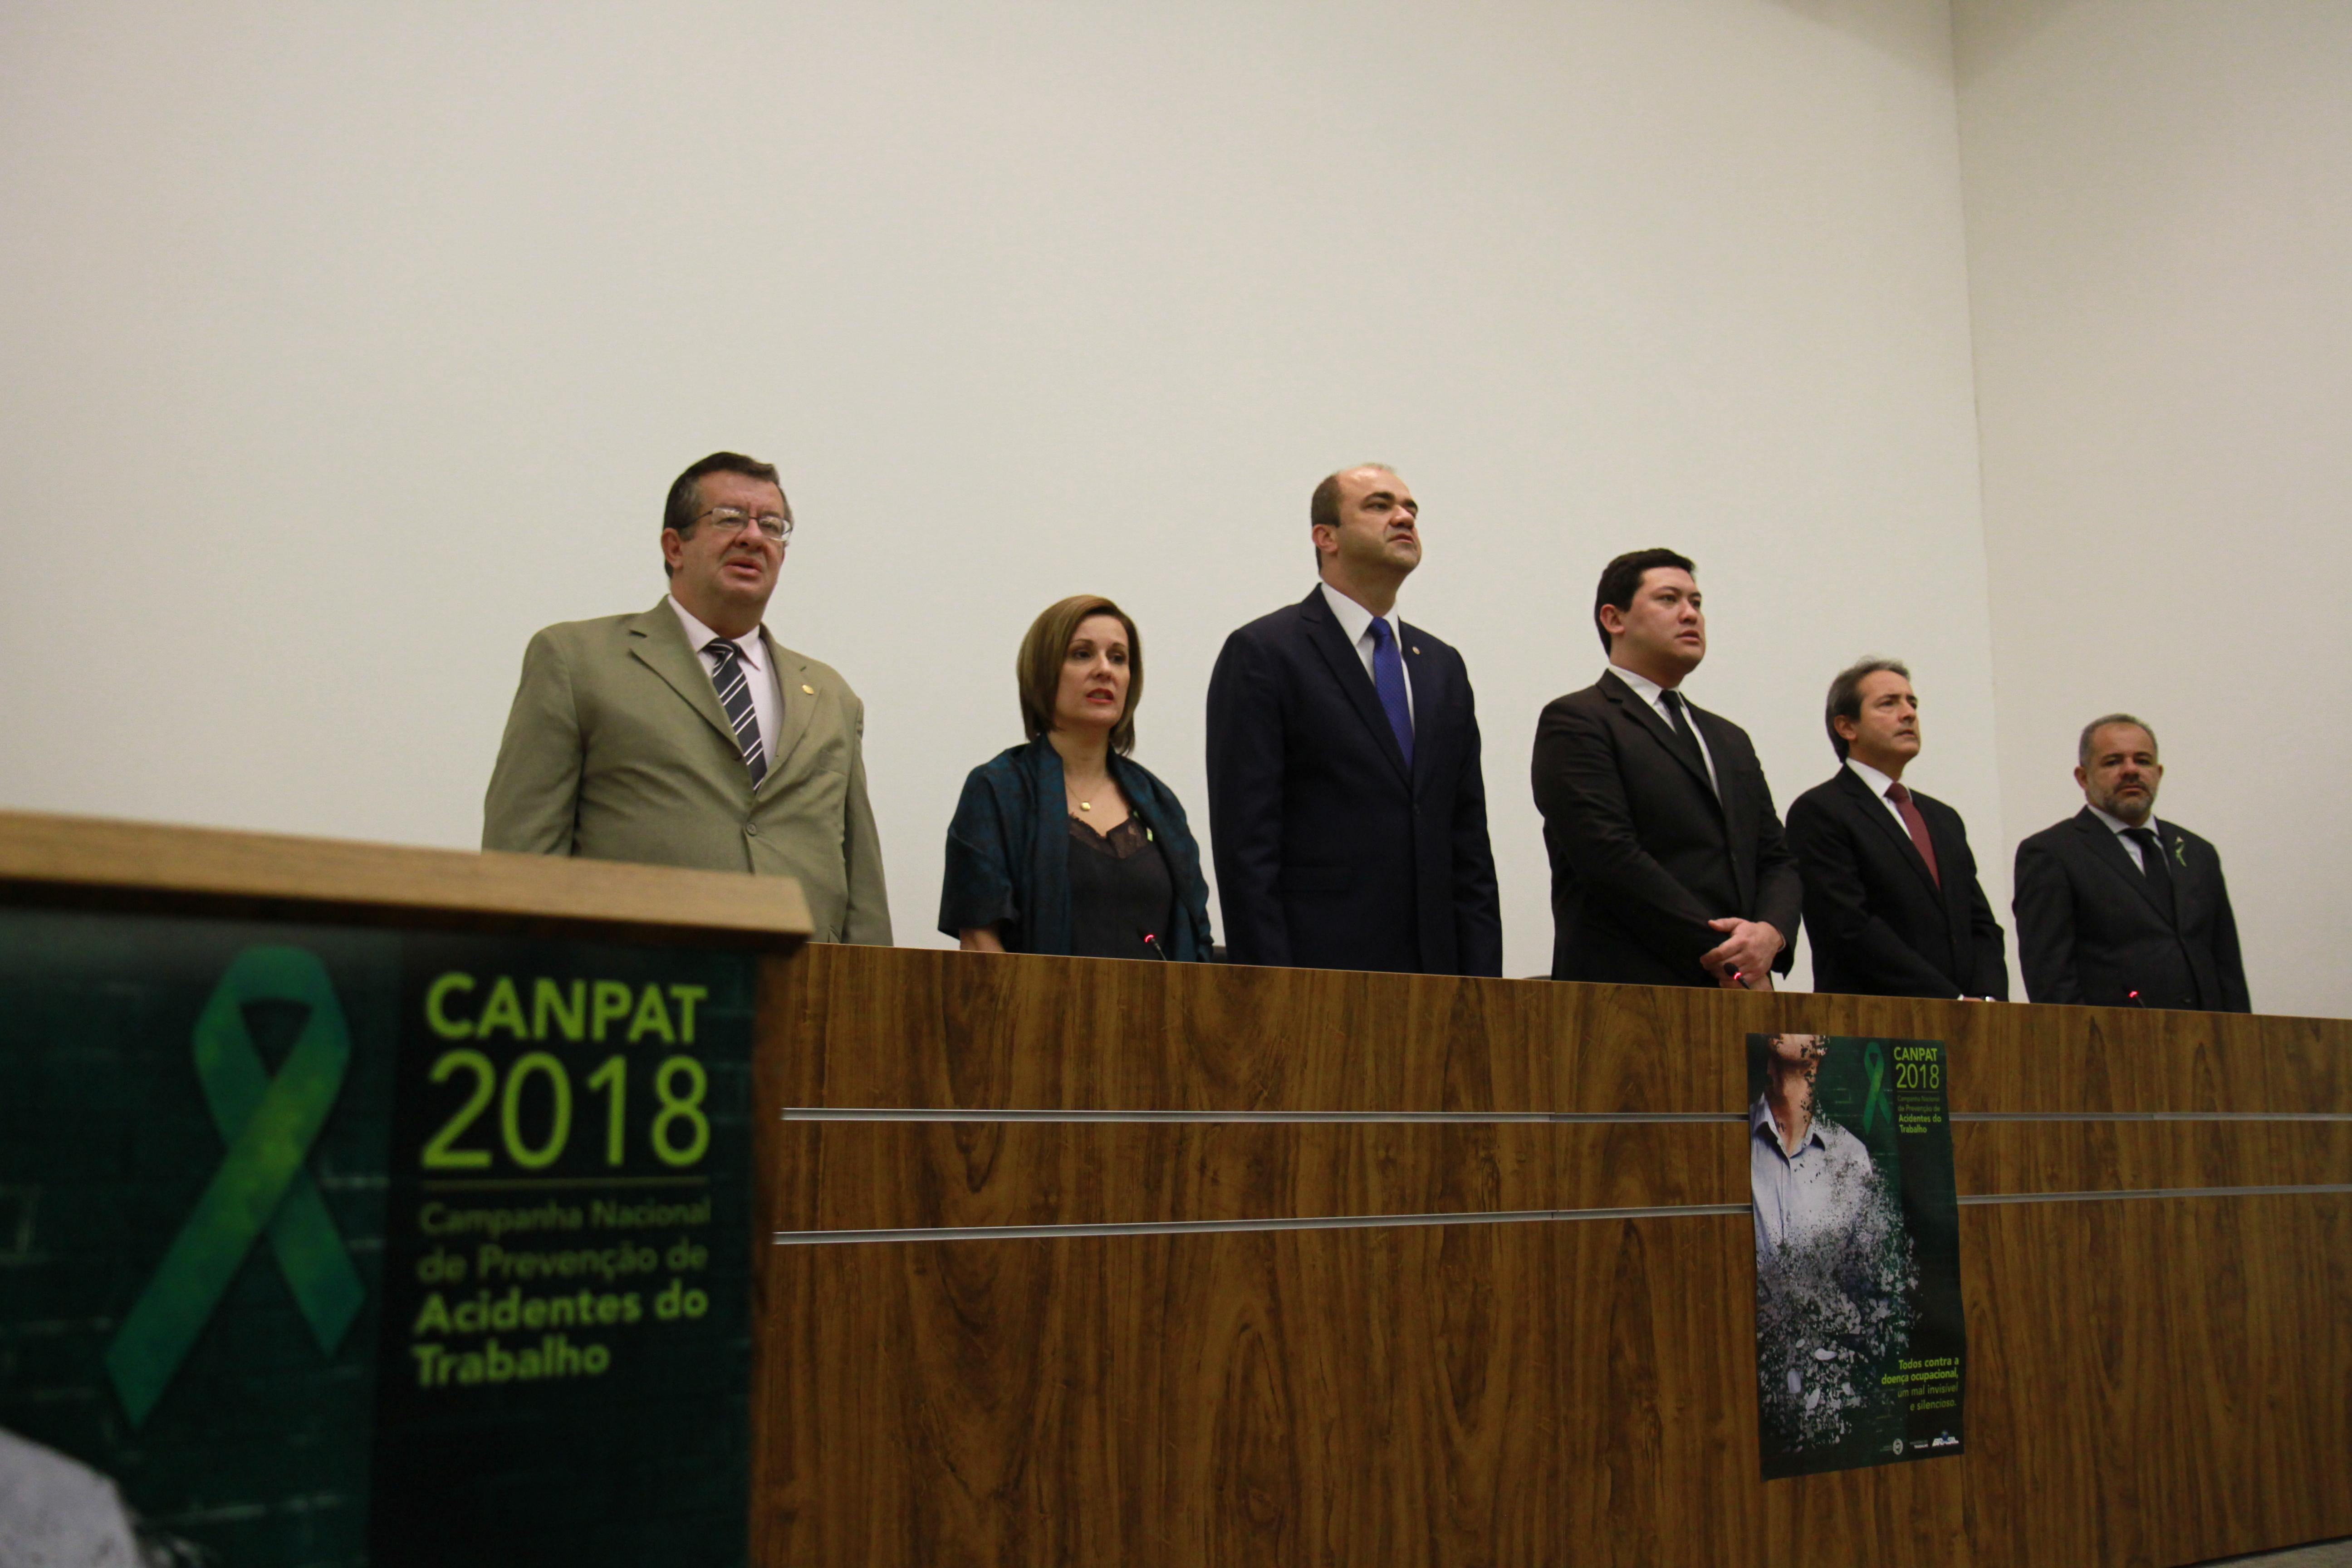 Em lançamento de Campanha de Acidente de Trabalho, CSB chama a atenção para casos subnotificados